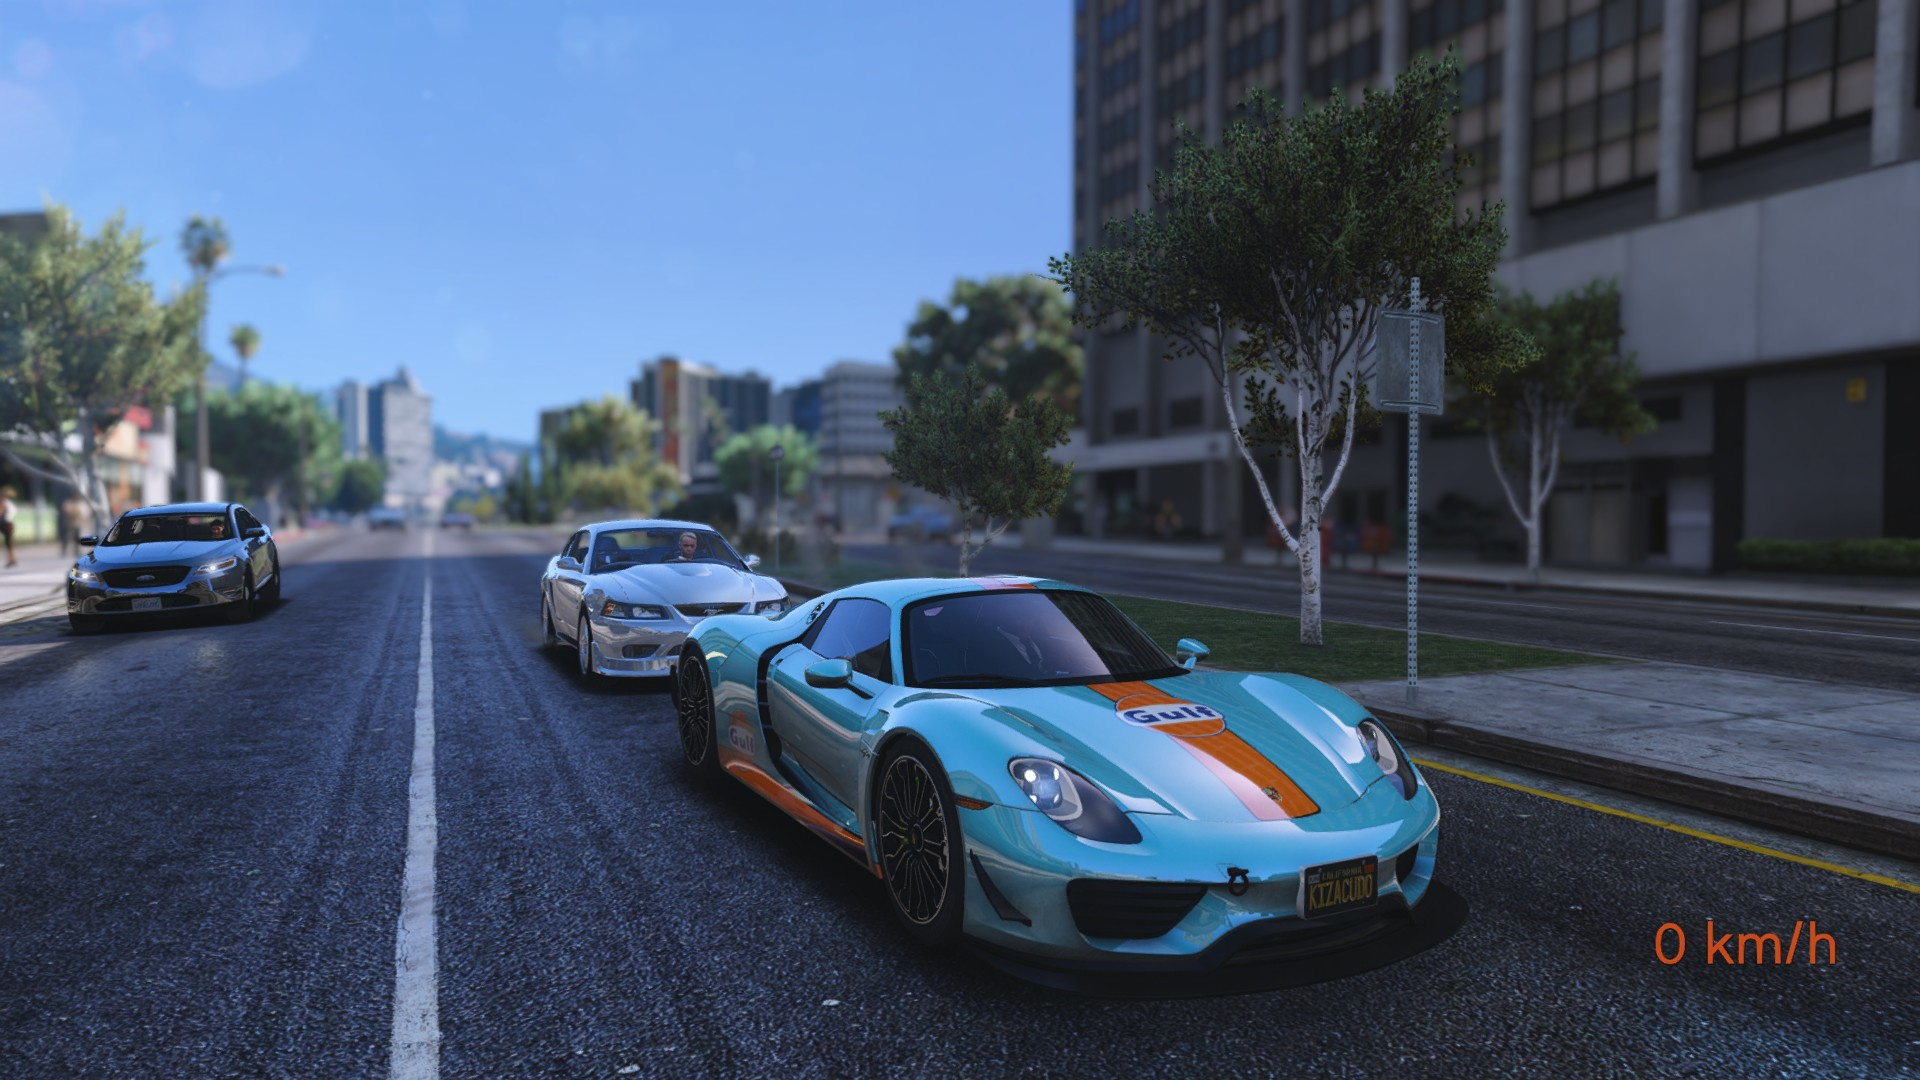 5ae2a2-GTA5%202017-07-05%2021-34-13 Stunning Porsche 918 Spyder Paint Job Cars Trend